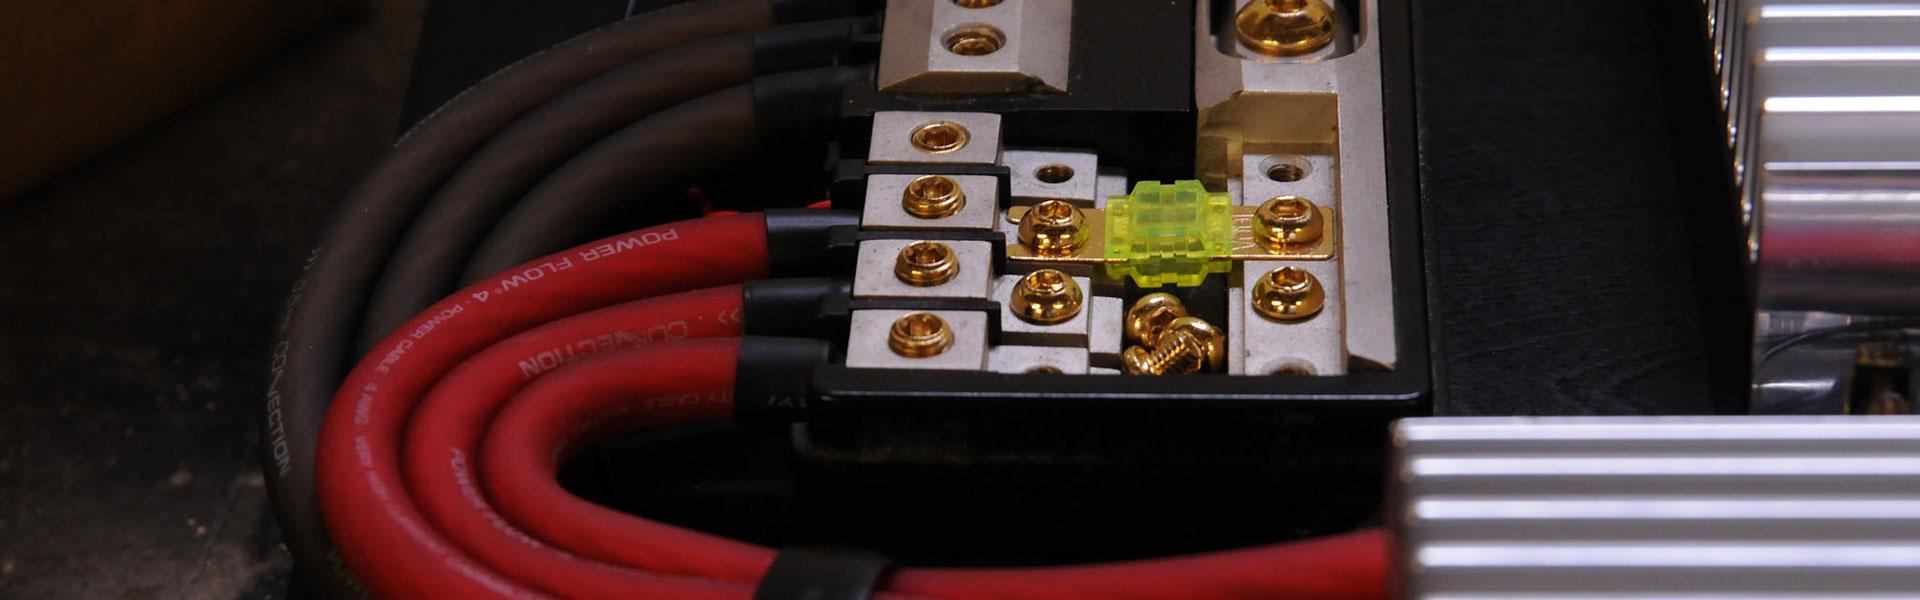 carsoundcenter kabels